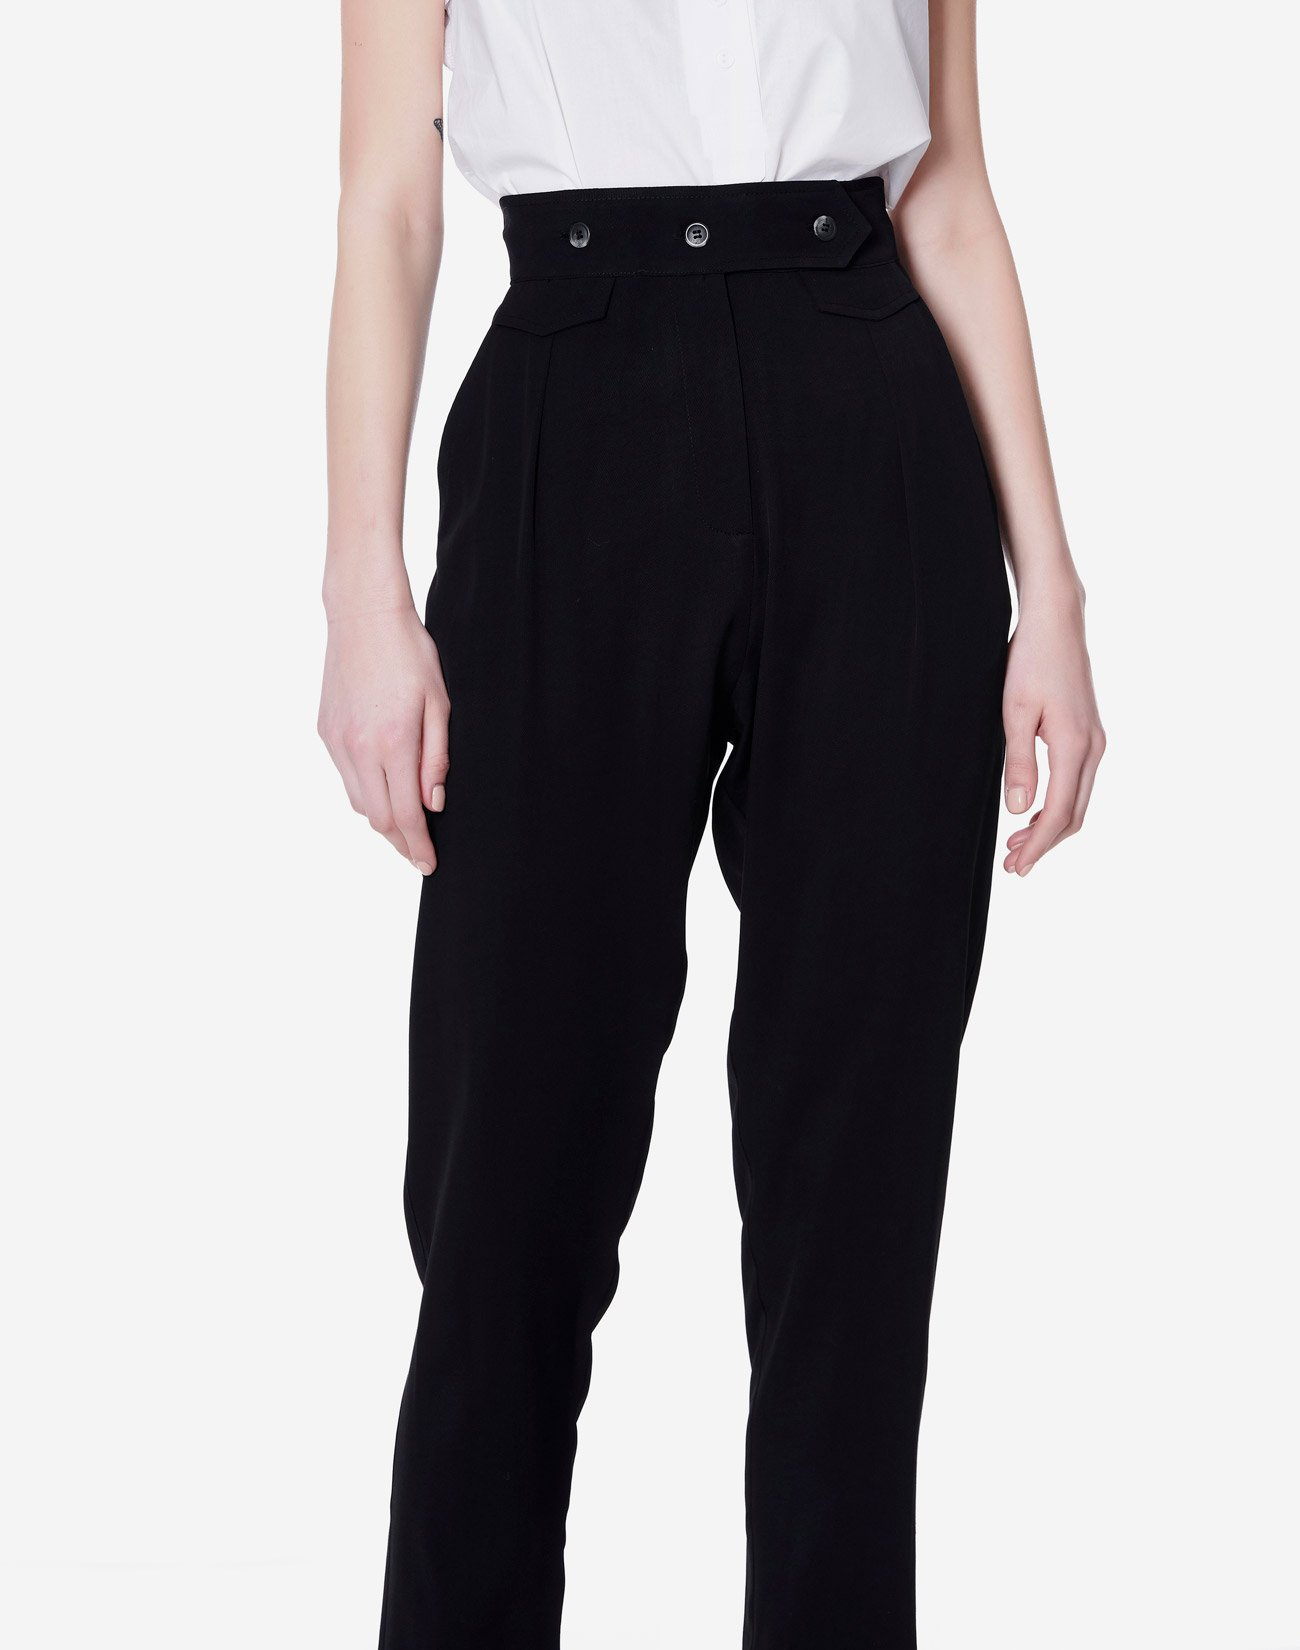 Ψηλόμεσο παντελόνι με κουμπιά